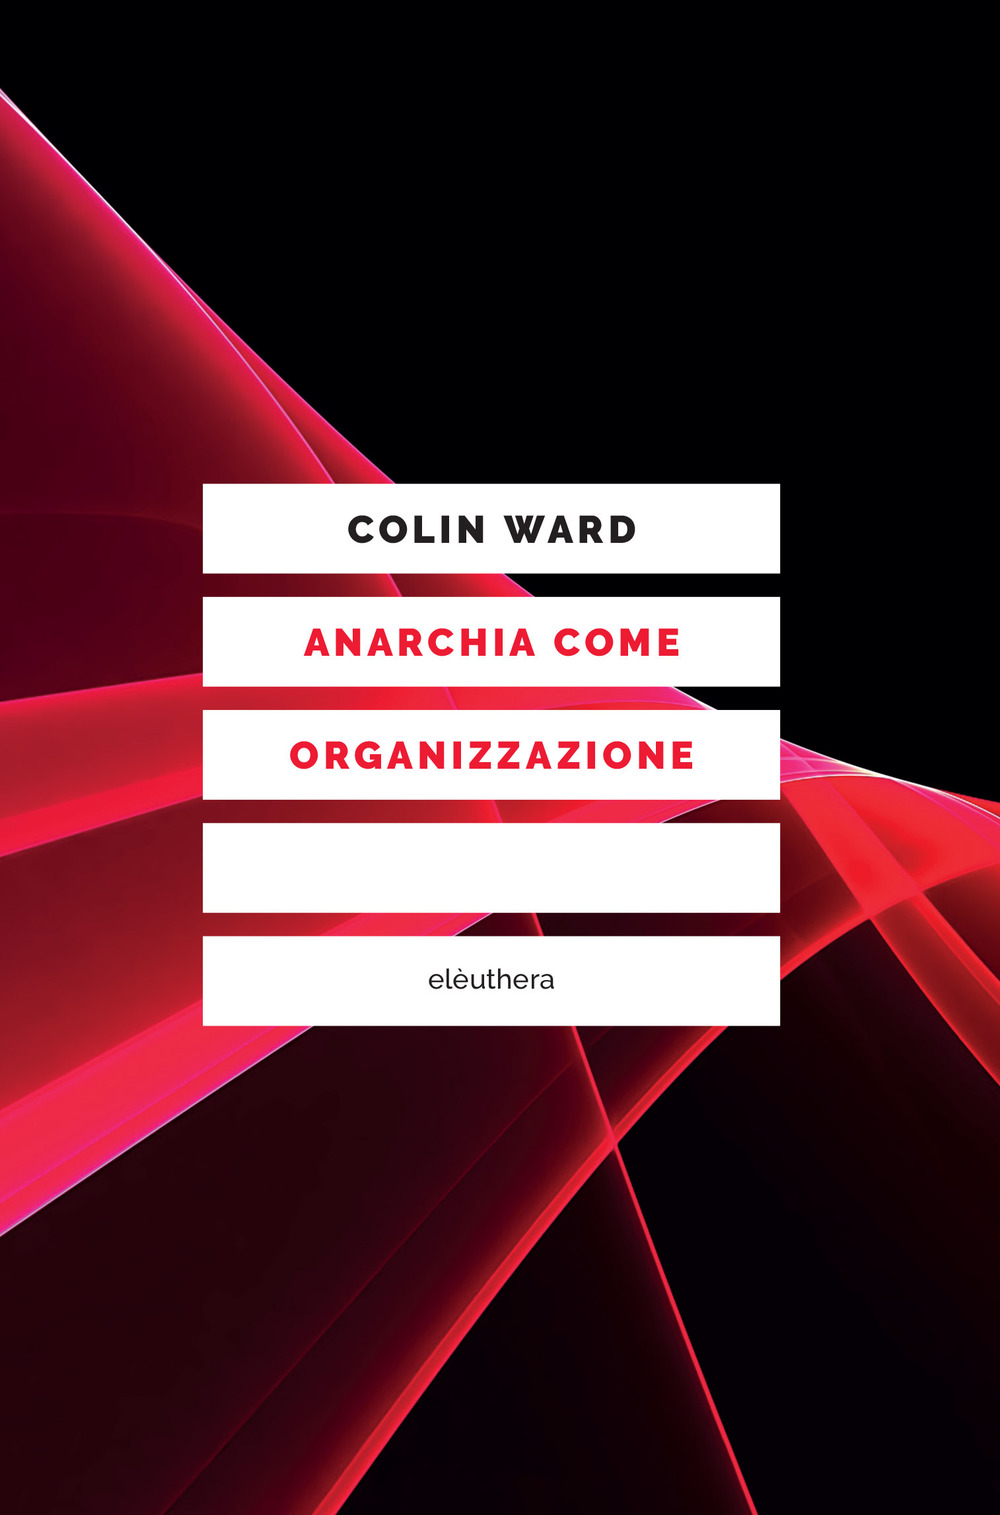 ANARCHIA COME ORGANIZZAZIONE N.E. - COLIN WARD - 9788833020334